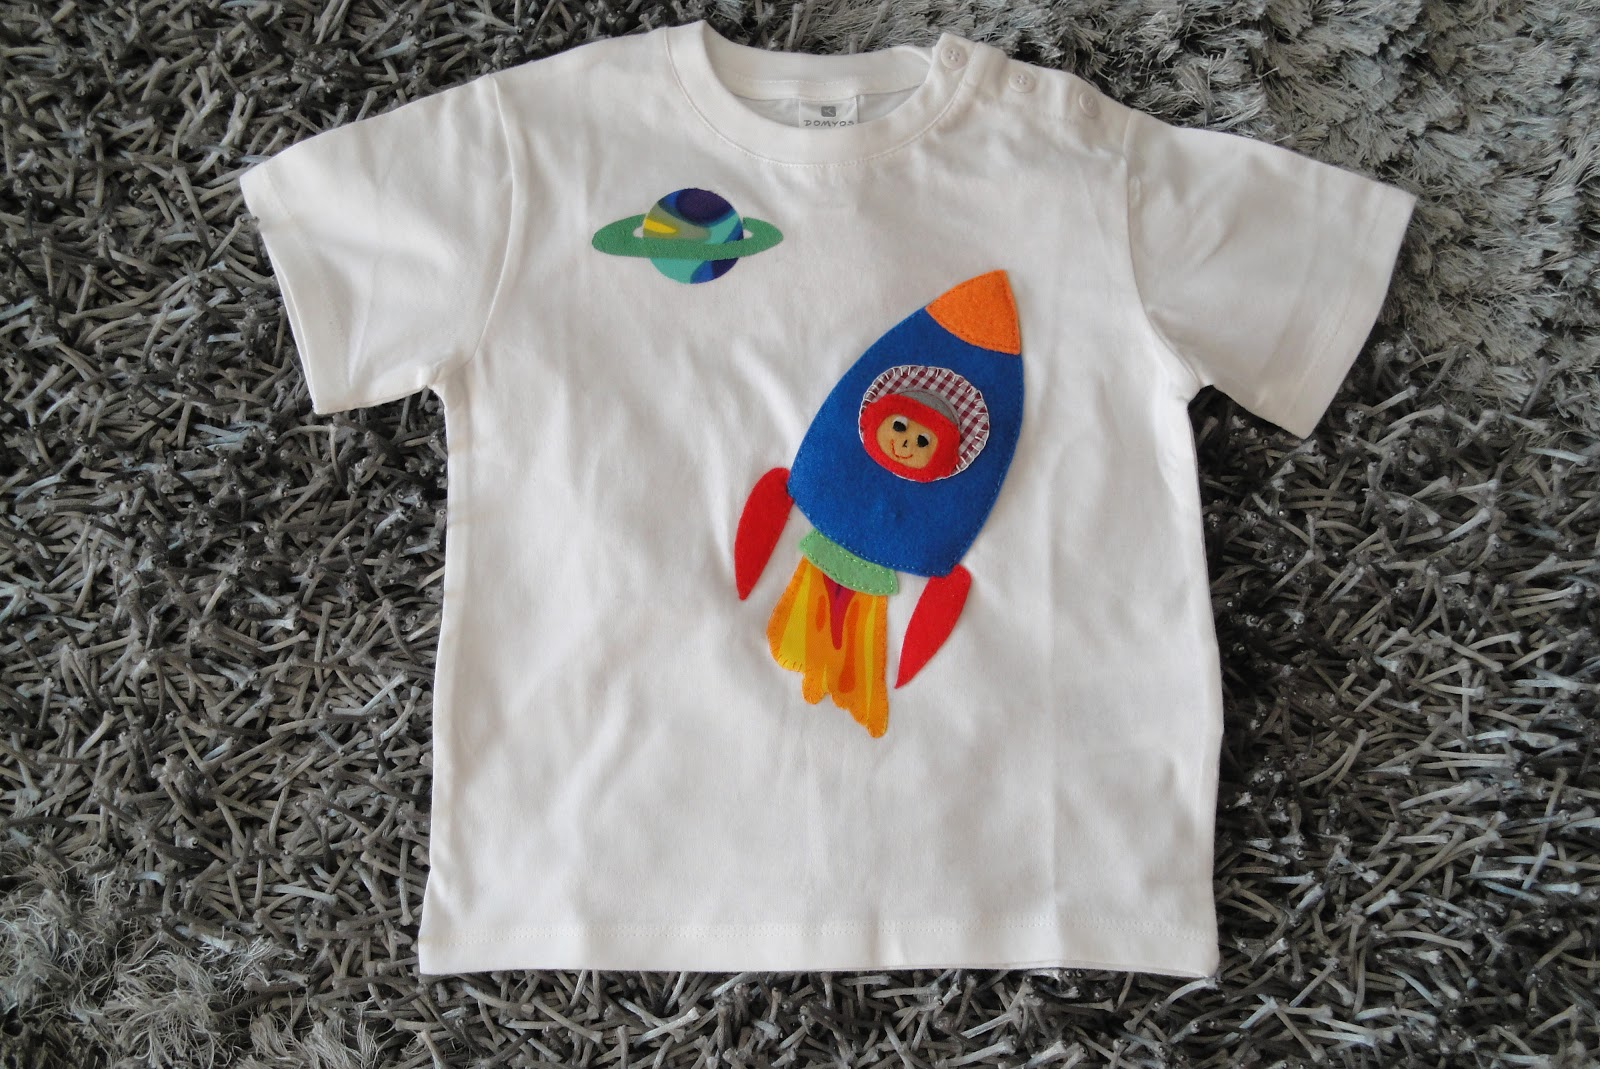 cohetes de astronauta - photo #34